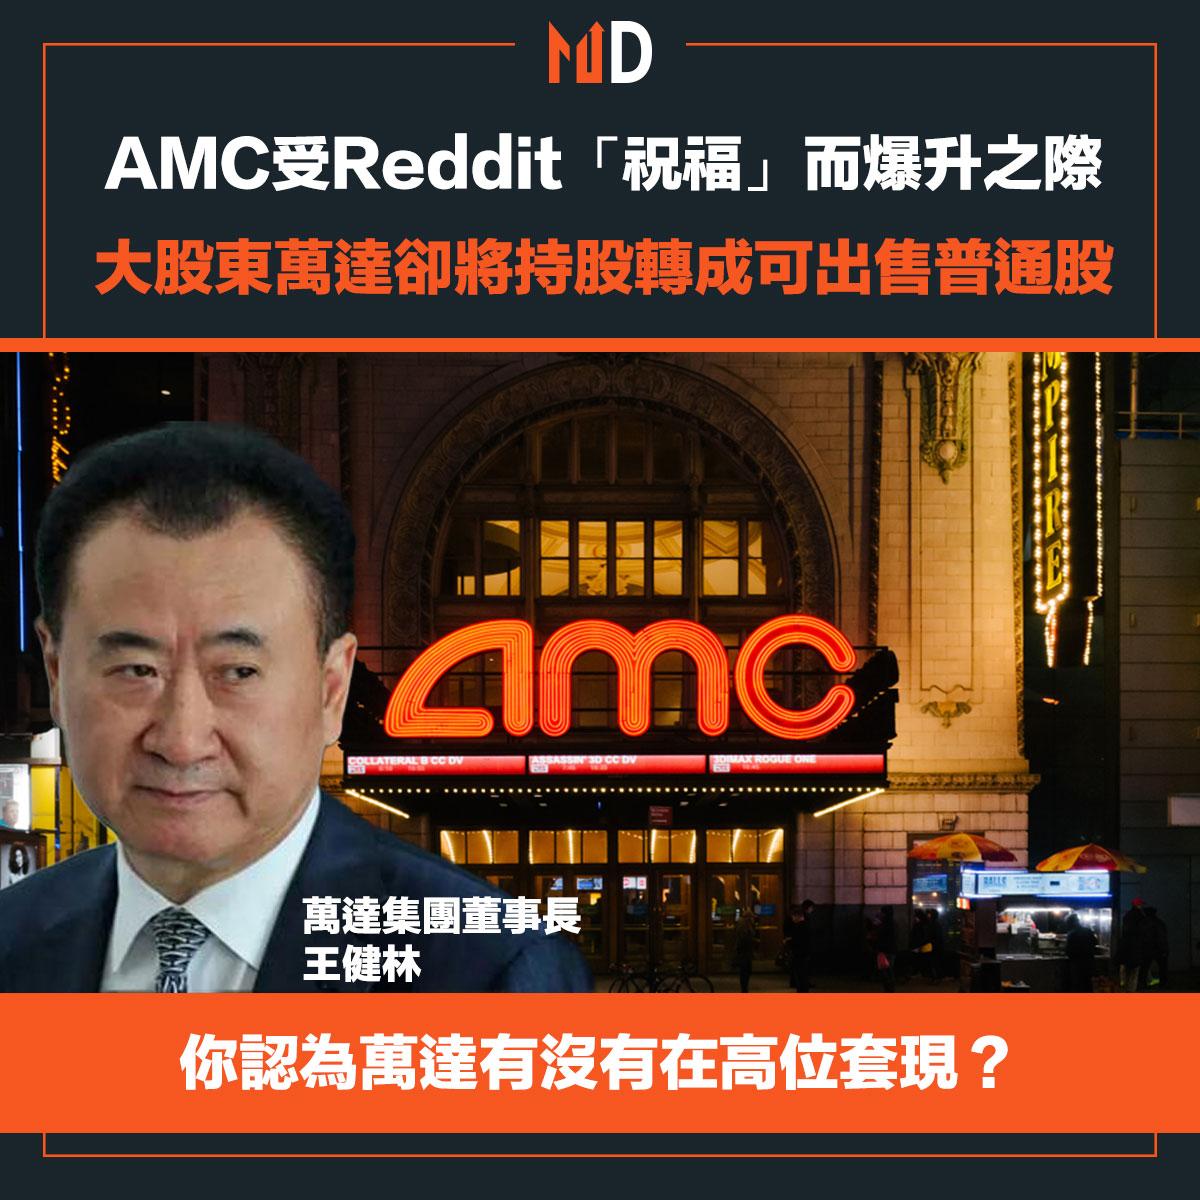 【市場熱話】AMC受Reddit「祝福」而爆升之際,大股東萬達卻將持股轉成可出售普通股